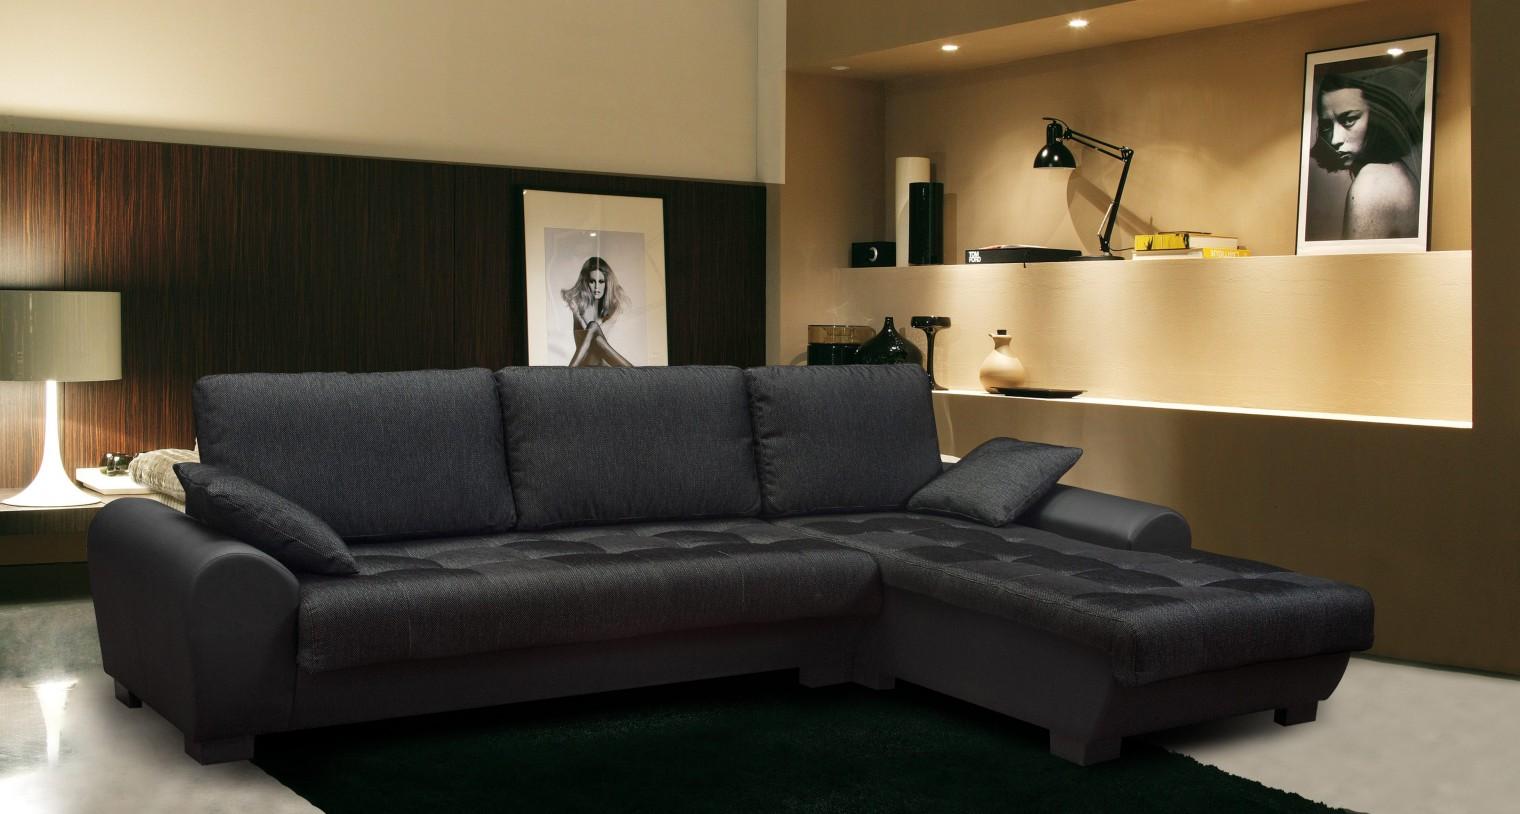 Bazár sedacie súprav Yvette - Pravý roh (savana black pvc black)